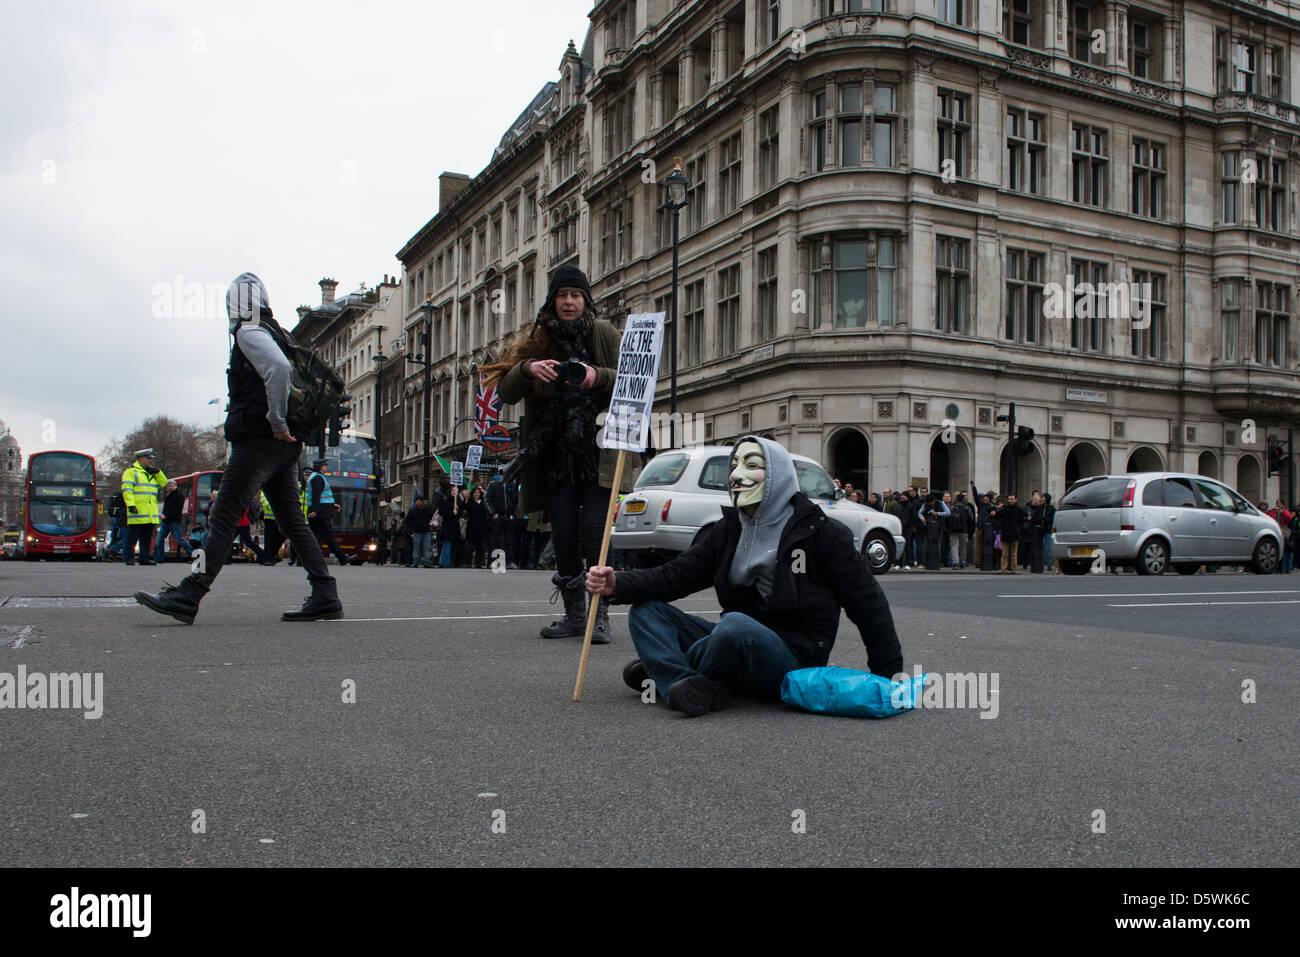 Un manifestant solitaire est assis au milieu d'une route dans la région de Westminster, Londres le 30/03/13 Photo Stock